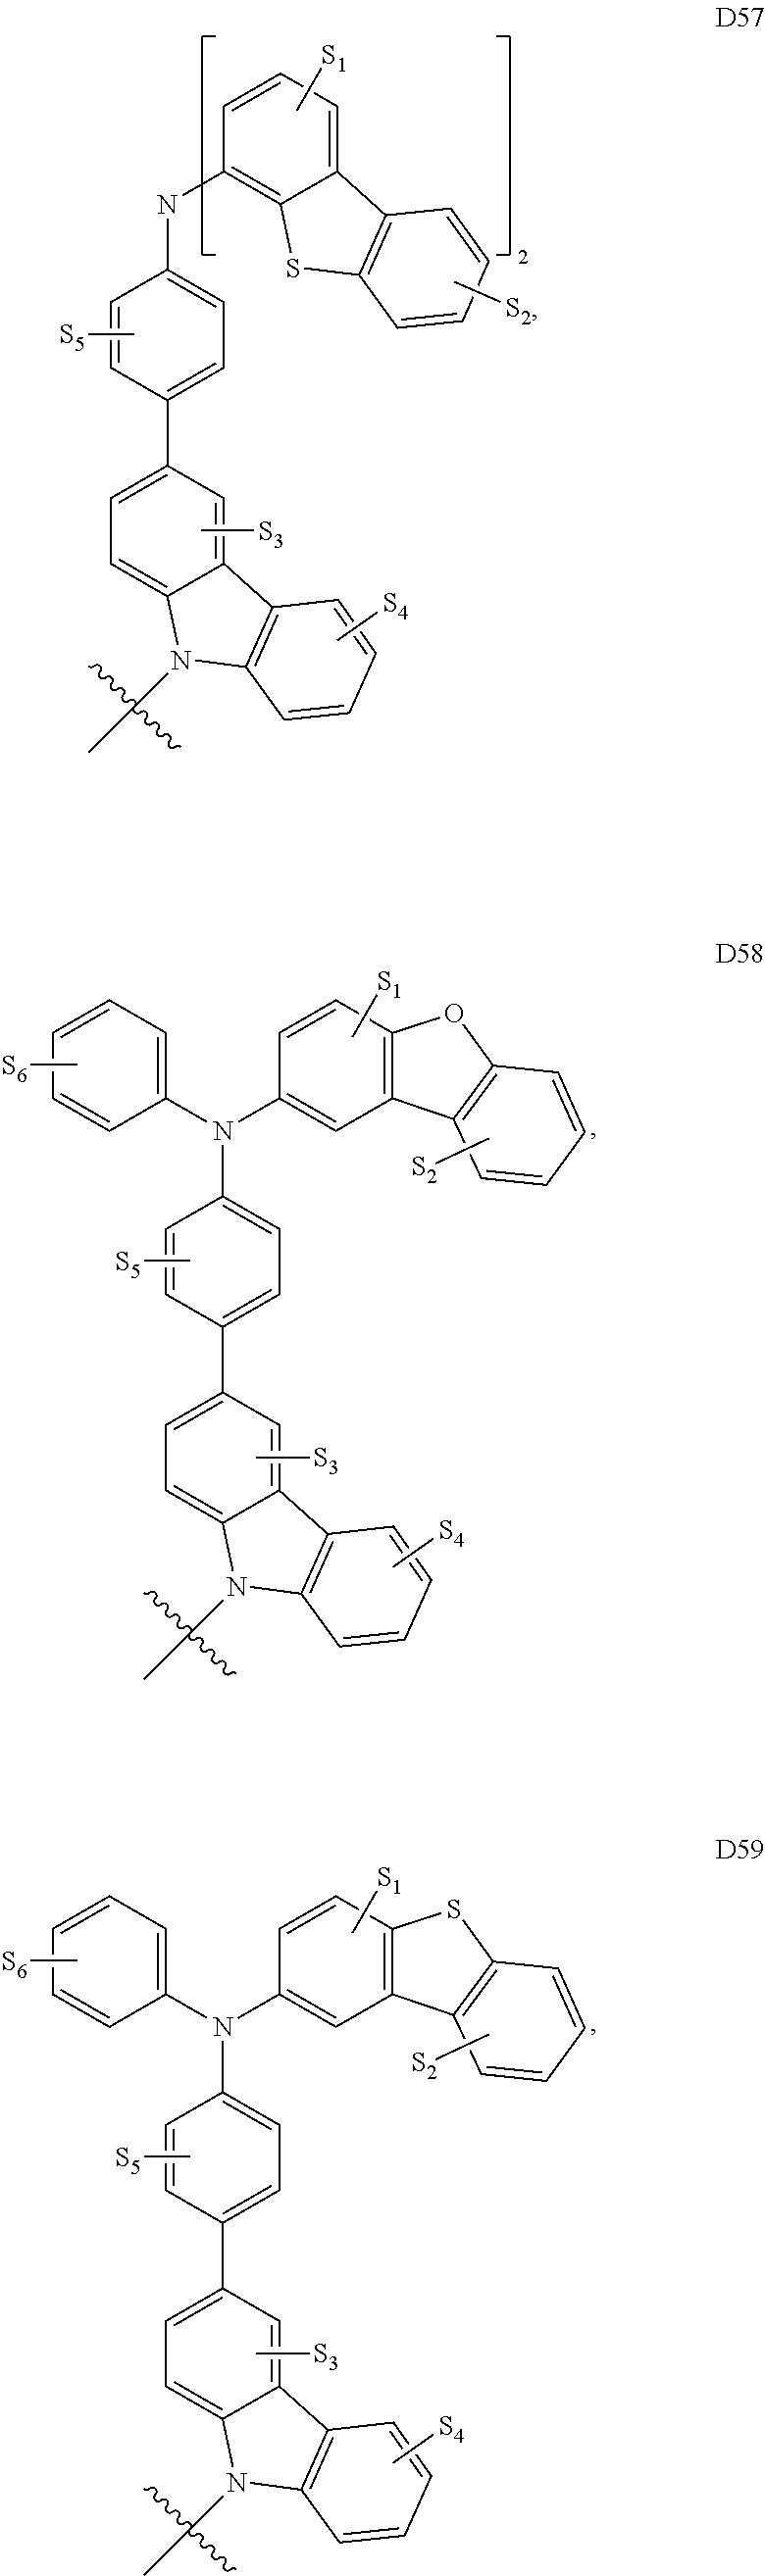 Figure US09324949-20160426-C00332